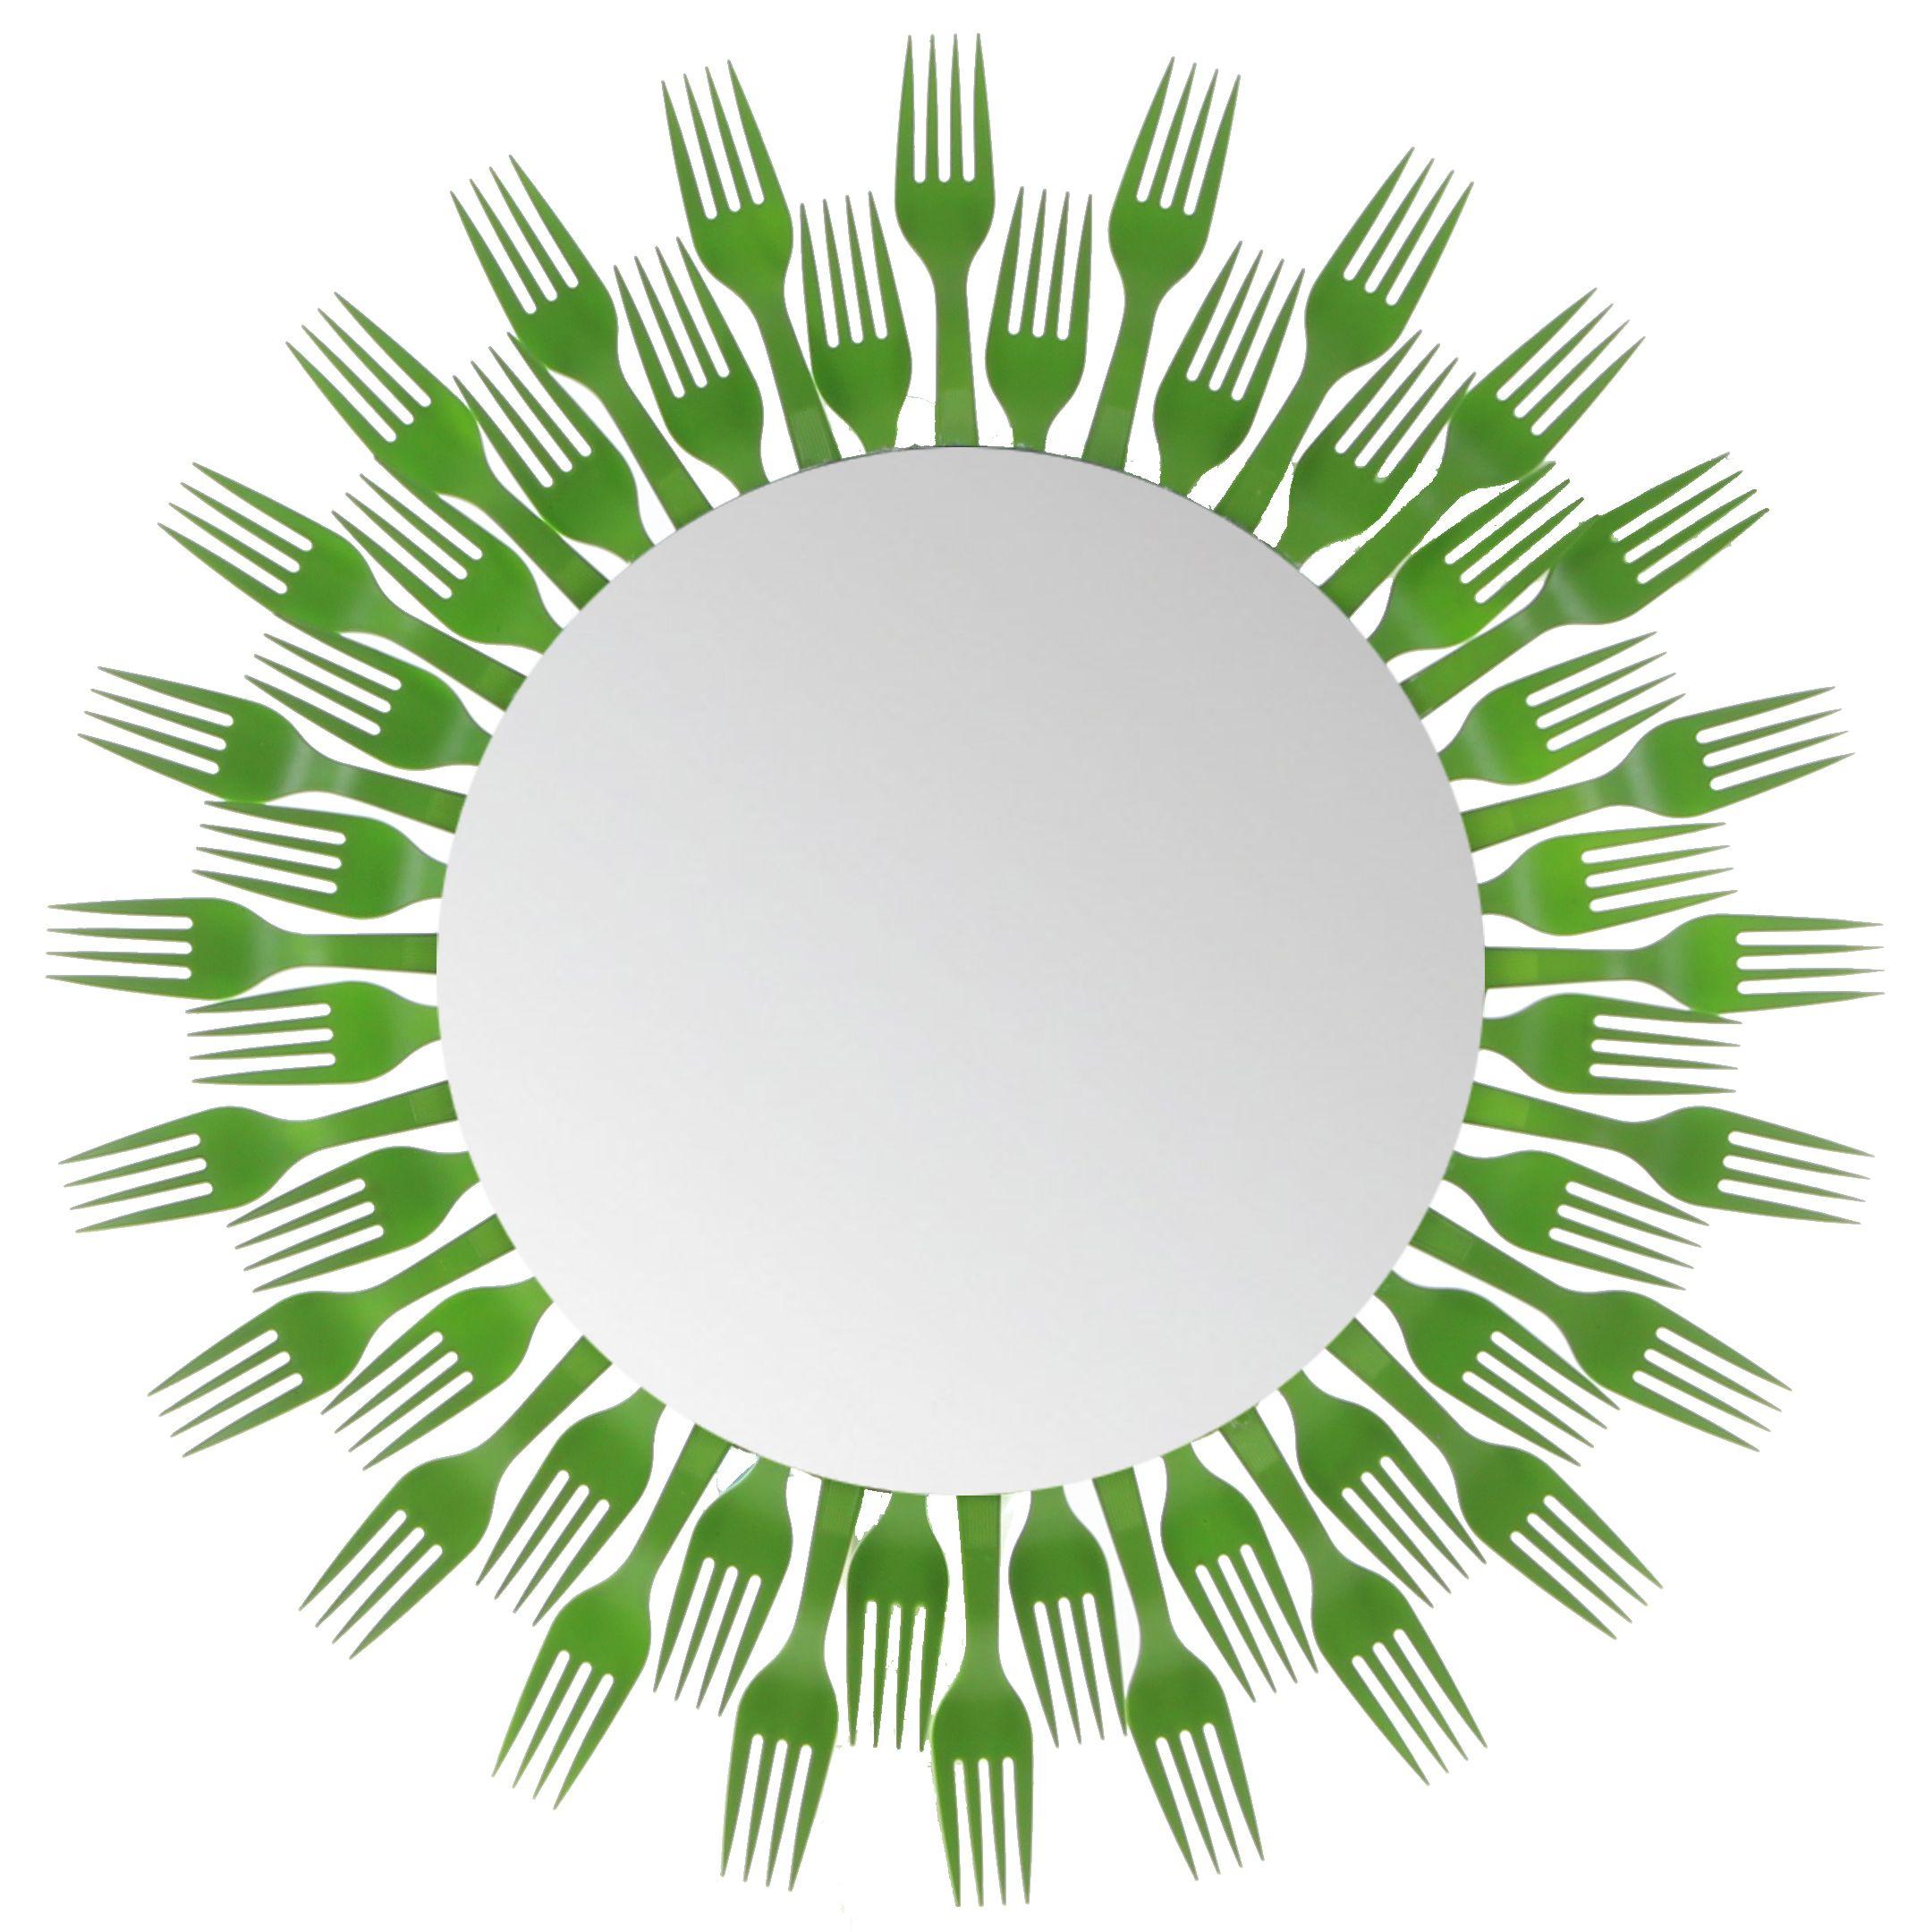 Plastic Fork Round Mirror 2 Level